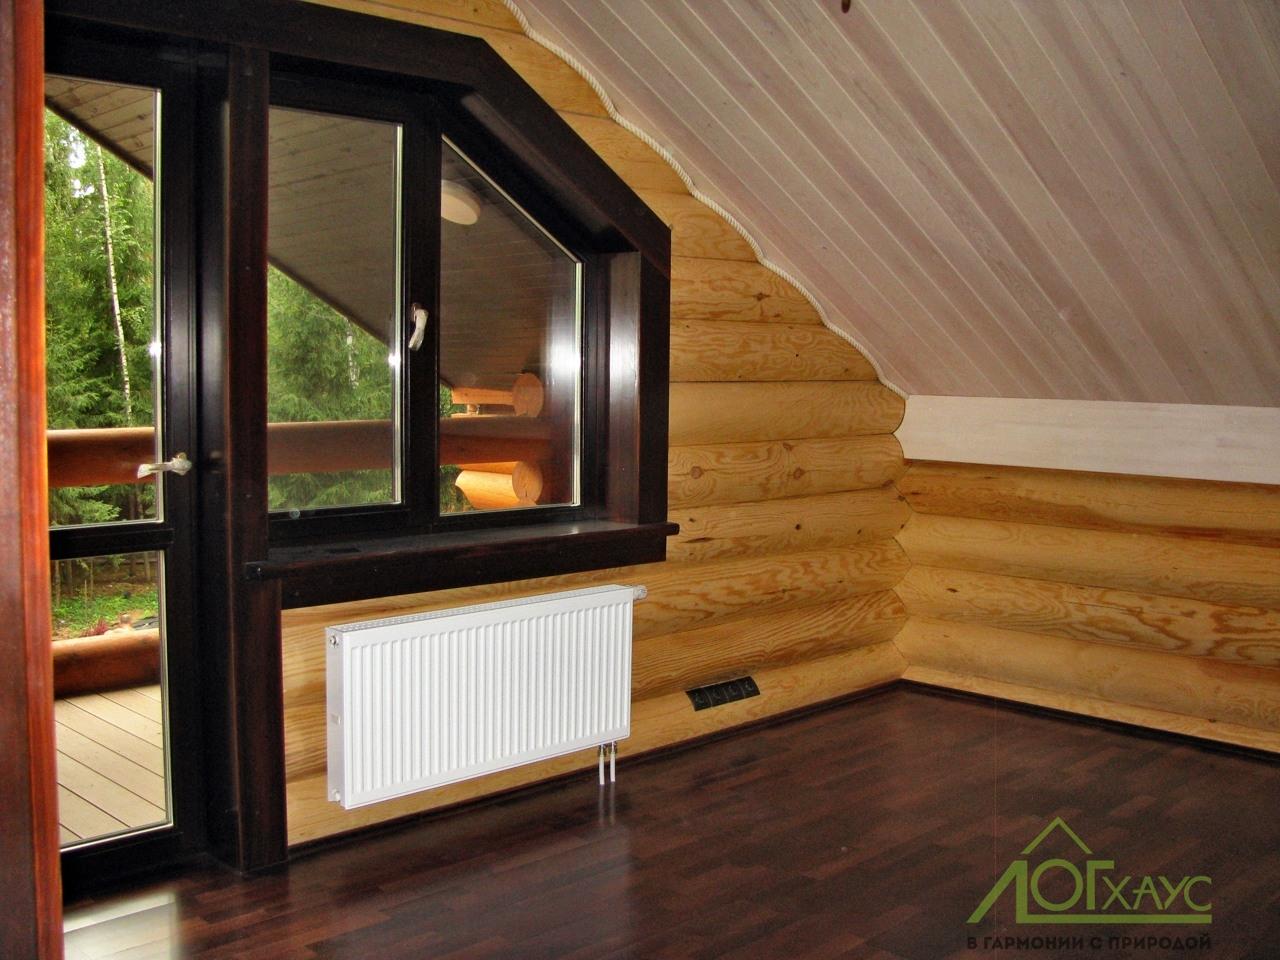 Чистовая отделка мансардного этажа деревянного дома